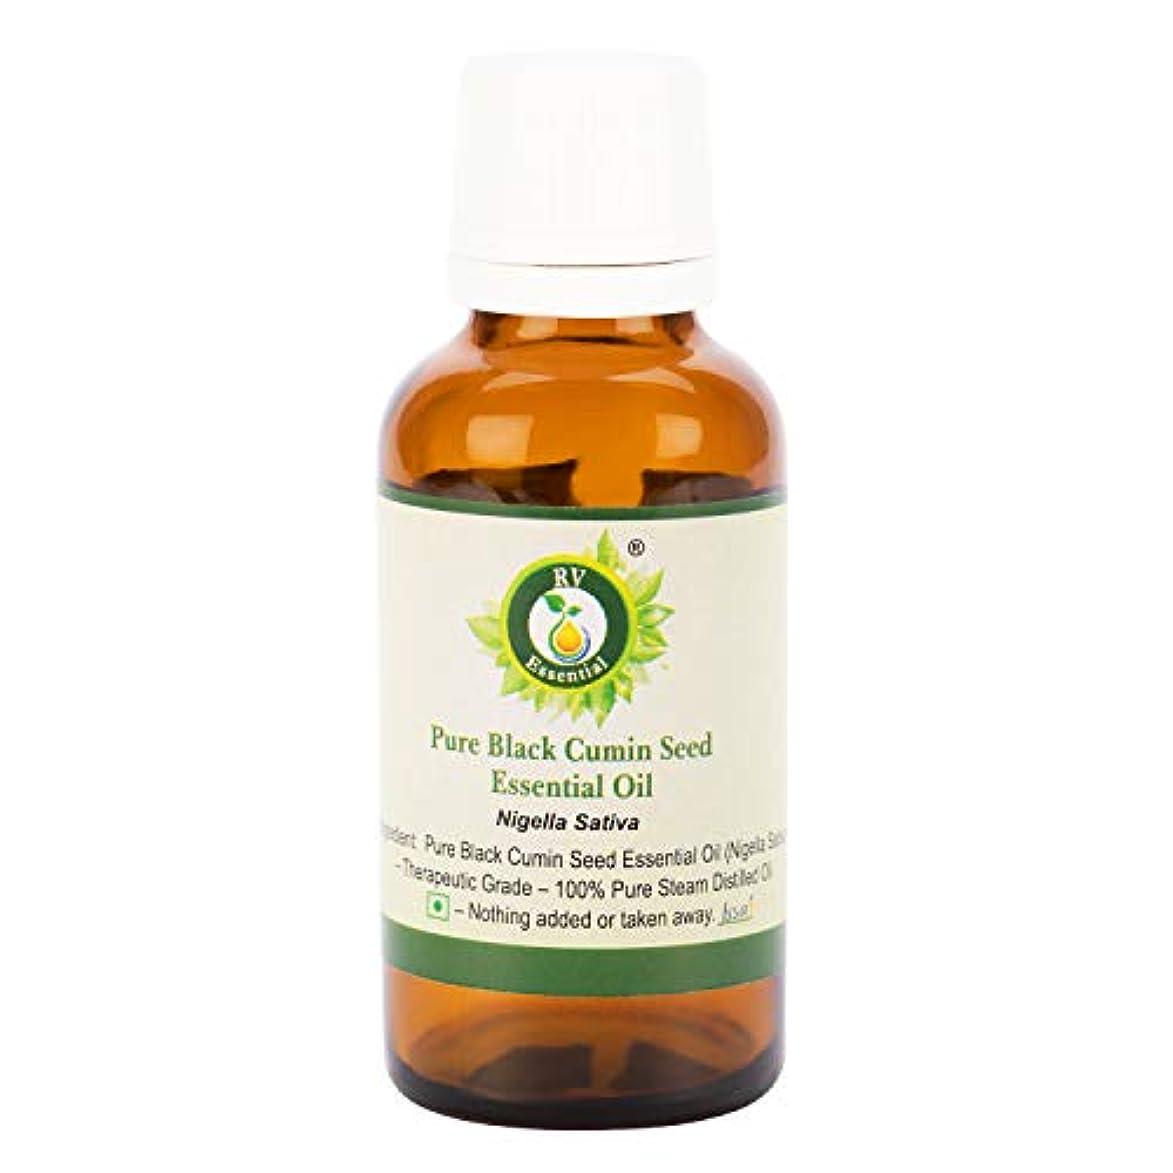 幻影平和地元ピュアブラッククミンシードエッセンシャルオイル5ml (0.169oz)- Nigella Sativa (100%純粋&天然スチームDistilled) Pure Black Cumin Seed Essential...